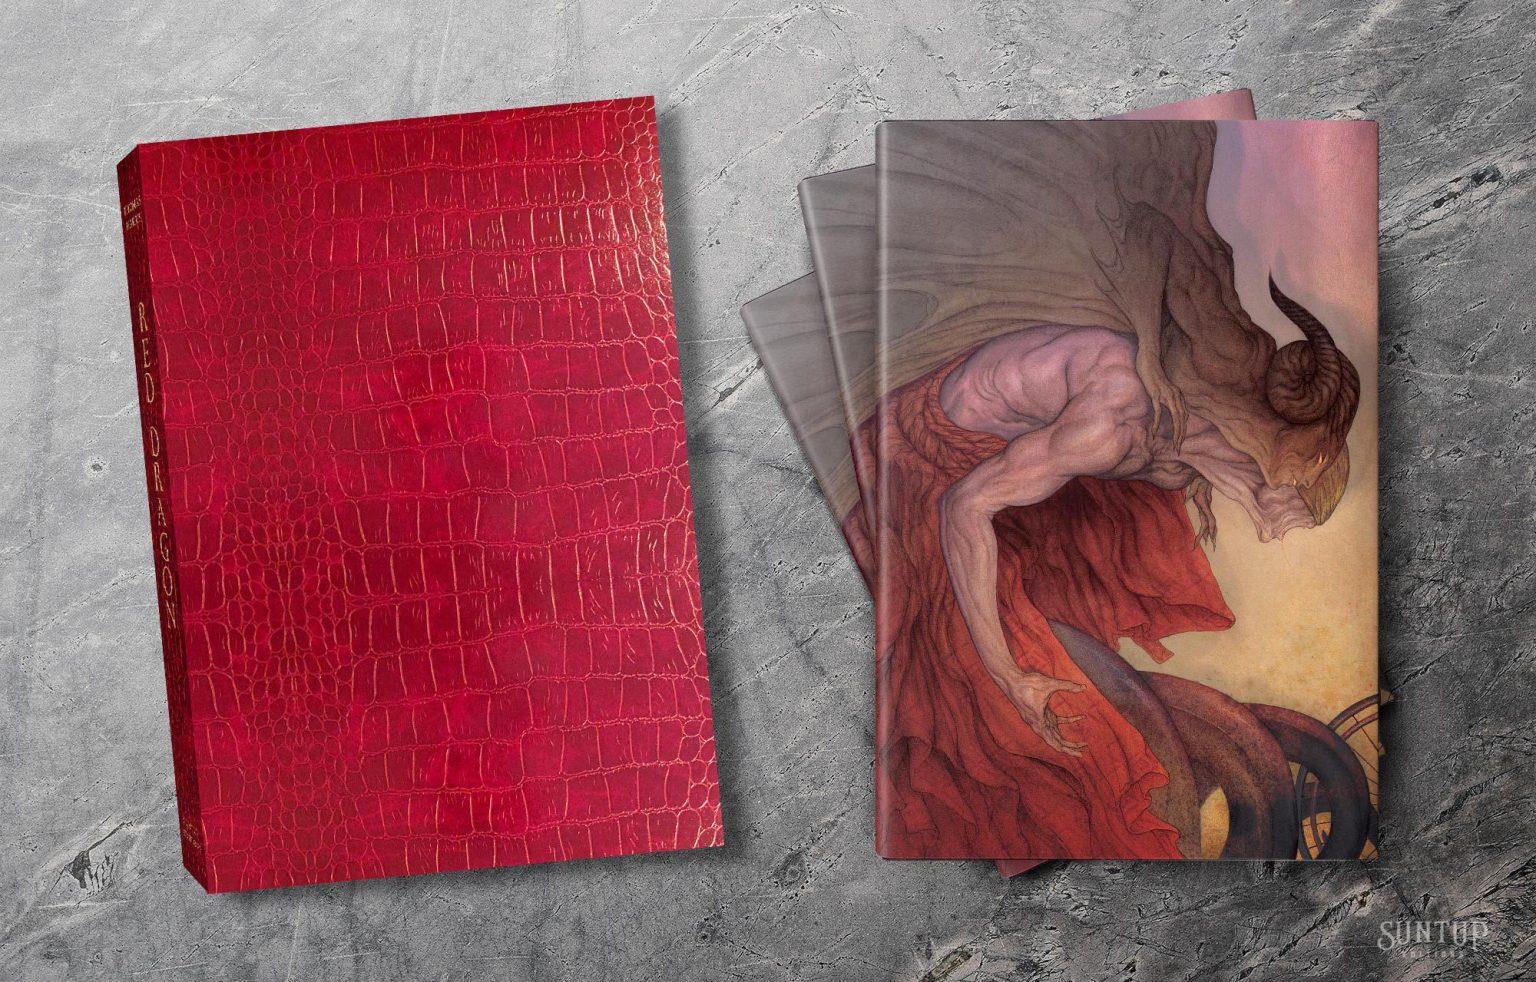 Suntup Reddragon Gift2